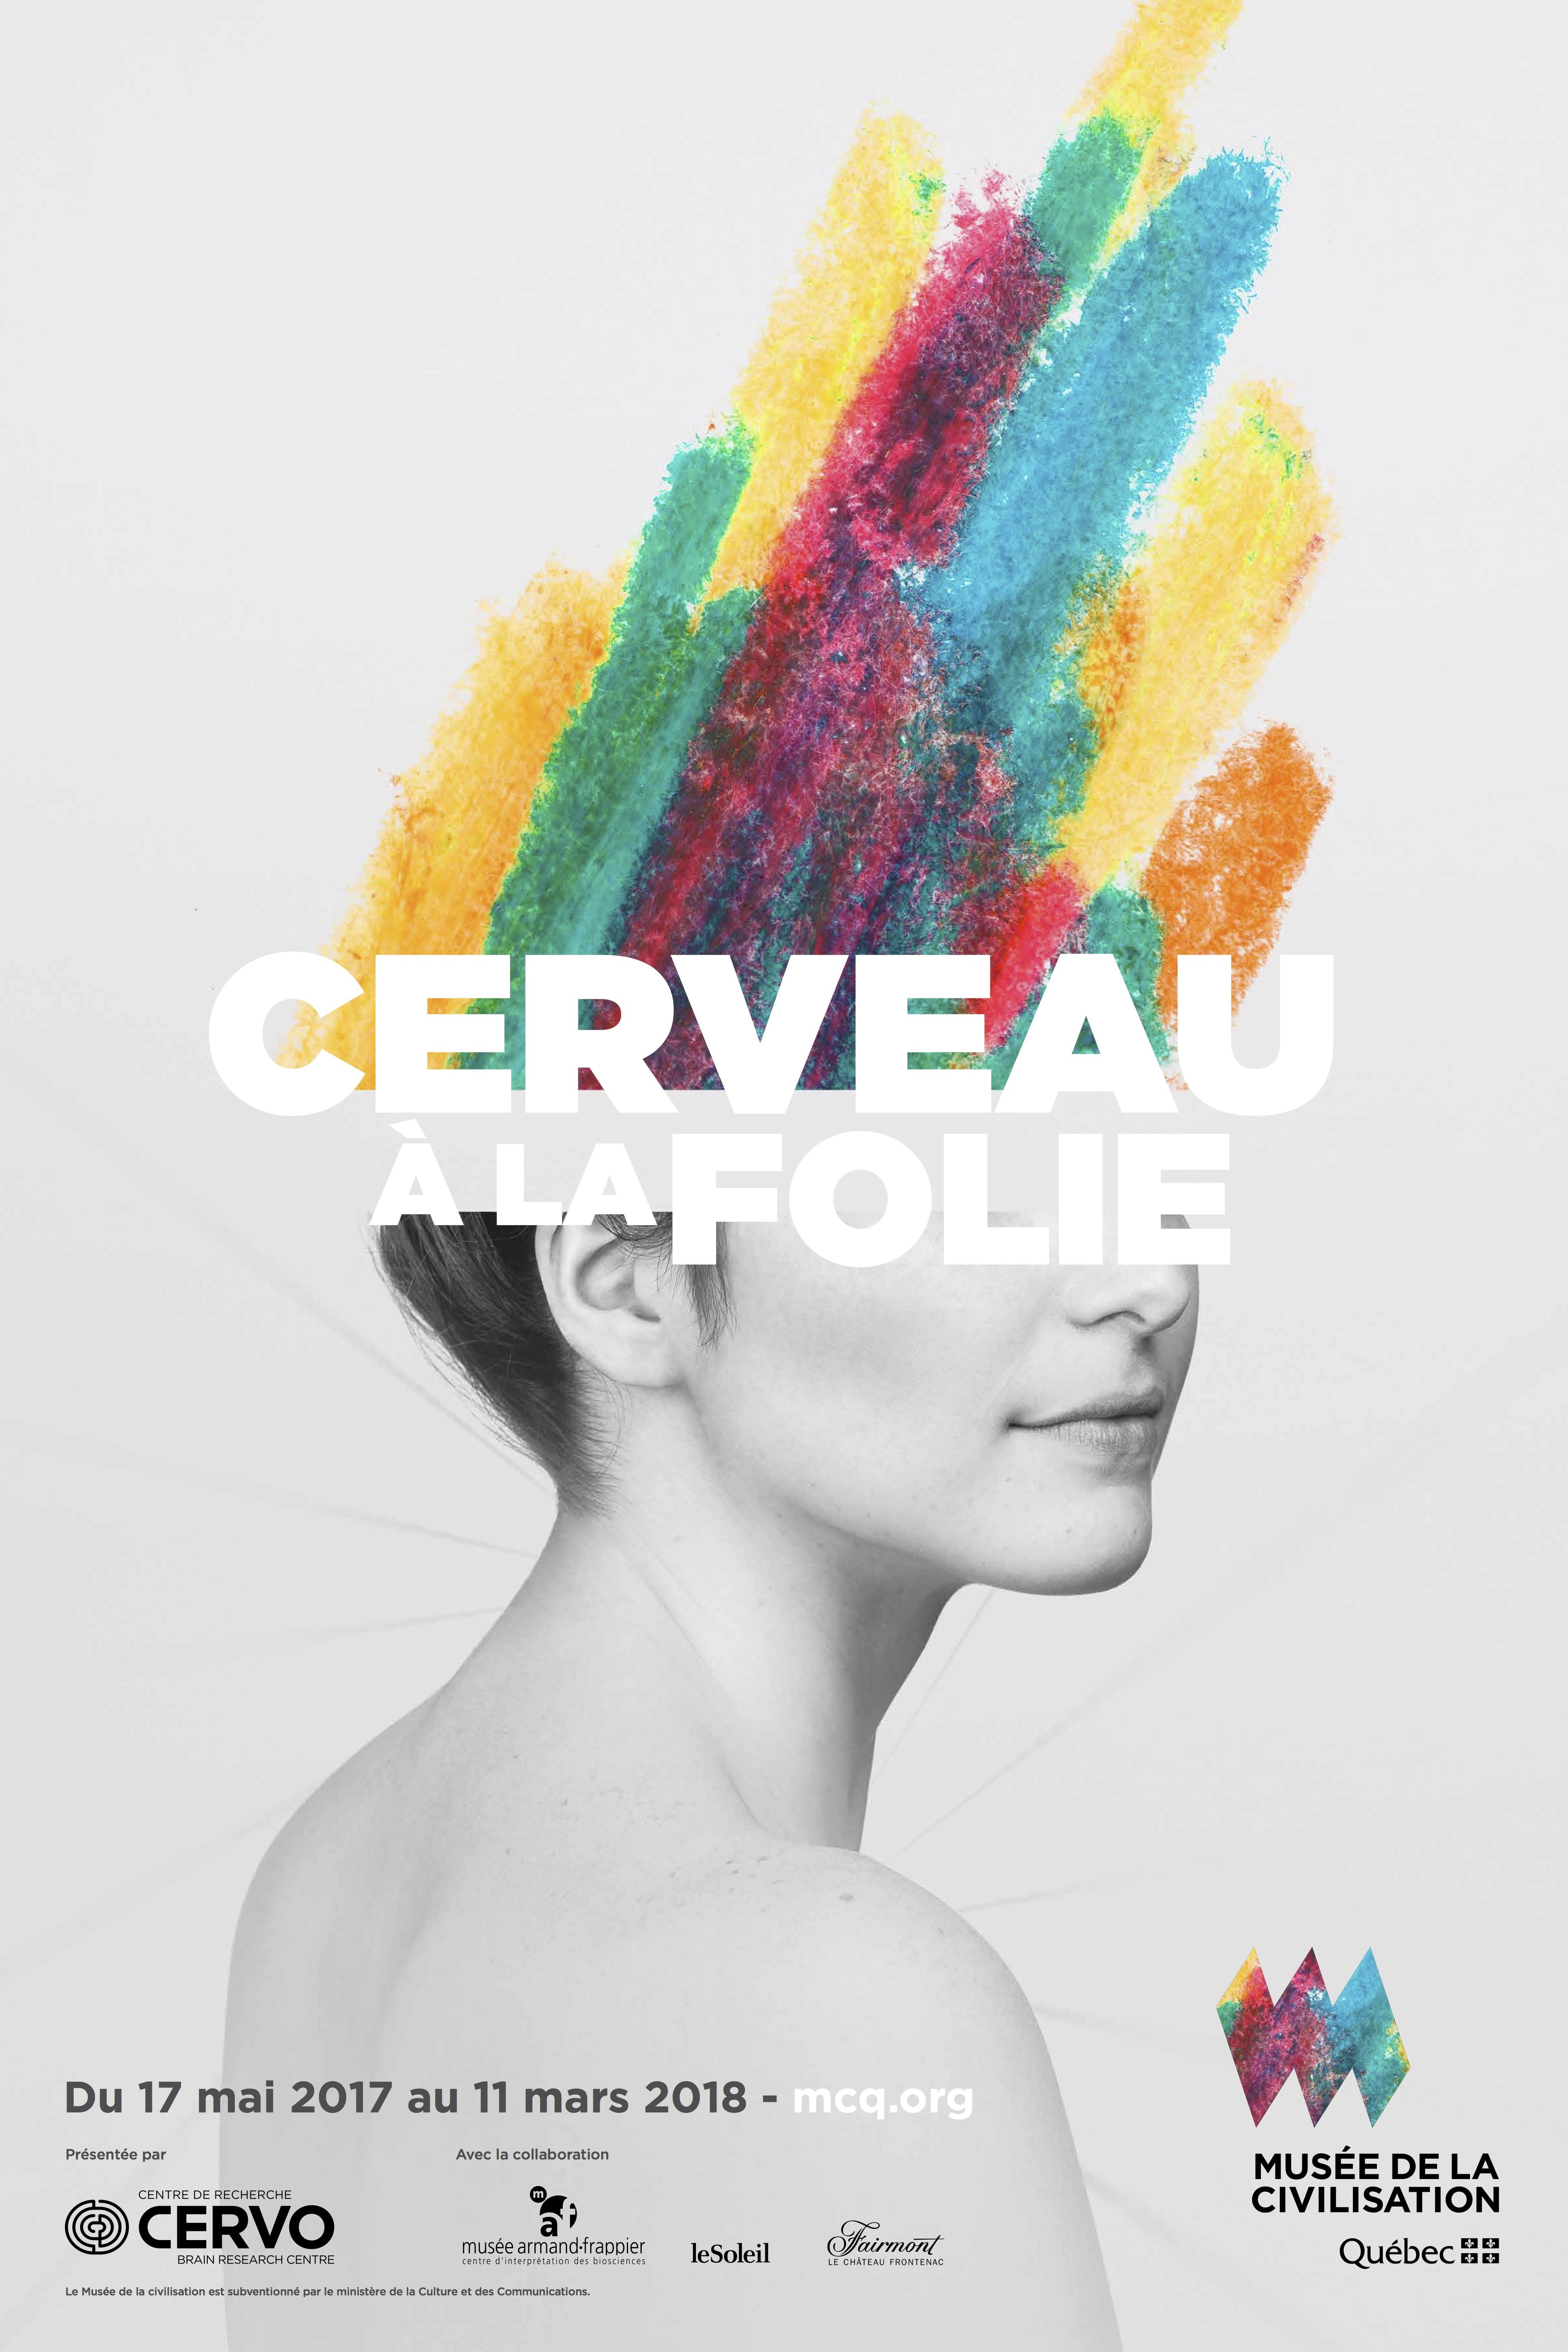 La tête d'une femme s'ouvre et se projette dans l'espace en un jet de couleurs